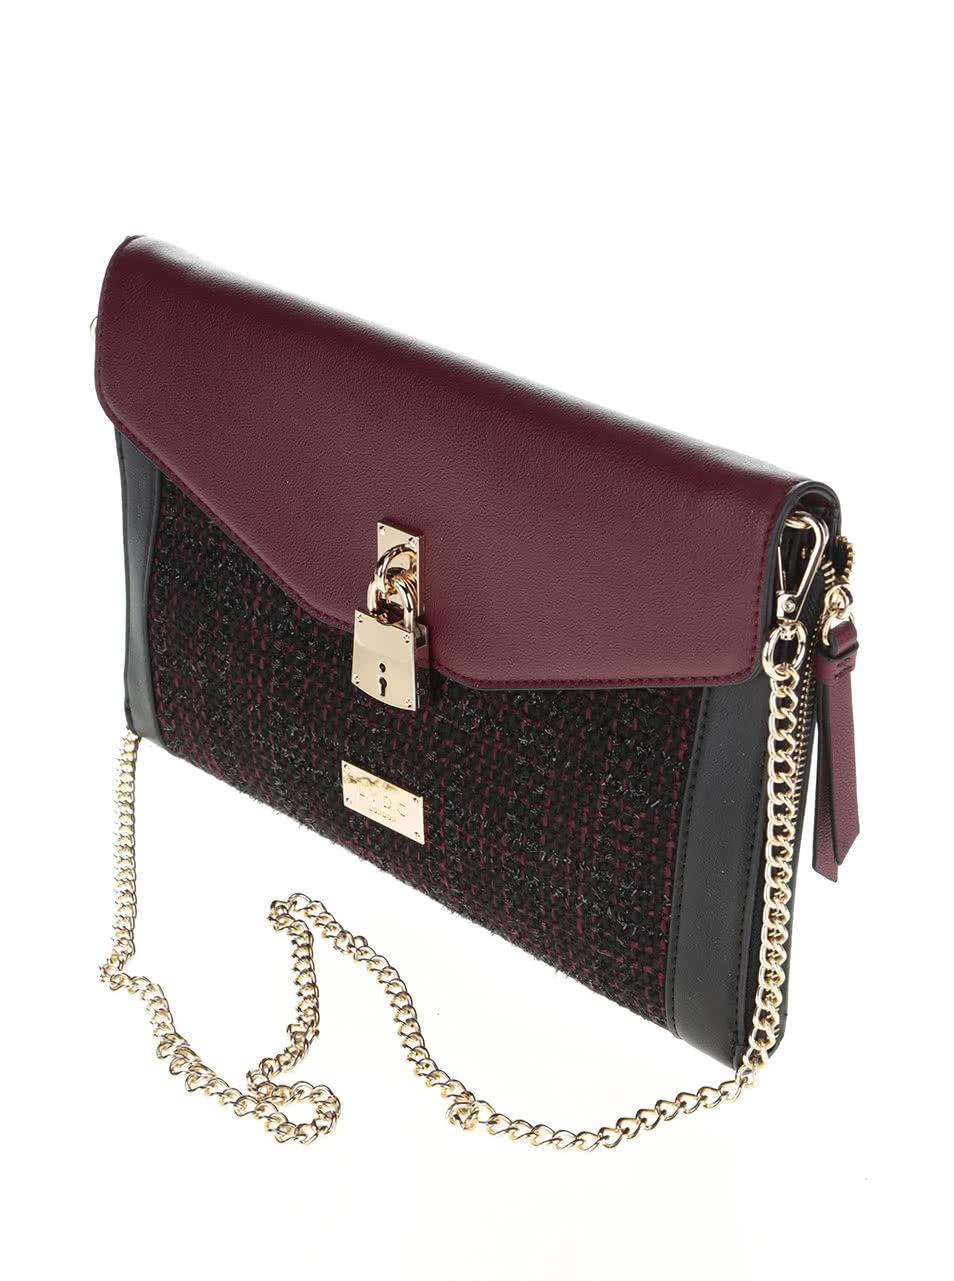 Vínovo-černá menší kabelka psaníčko s detaily ve zlaté barvě LYDC ... 56b5e6c6b19